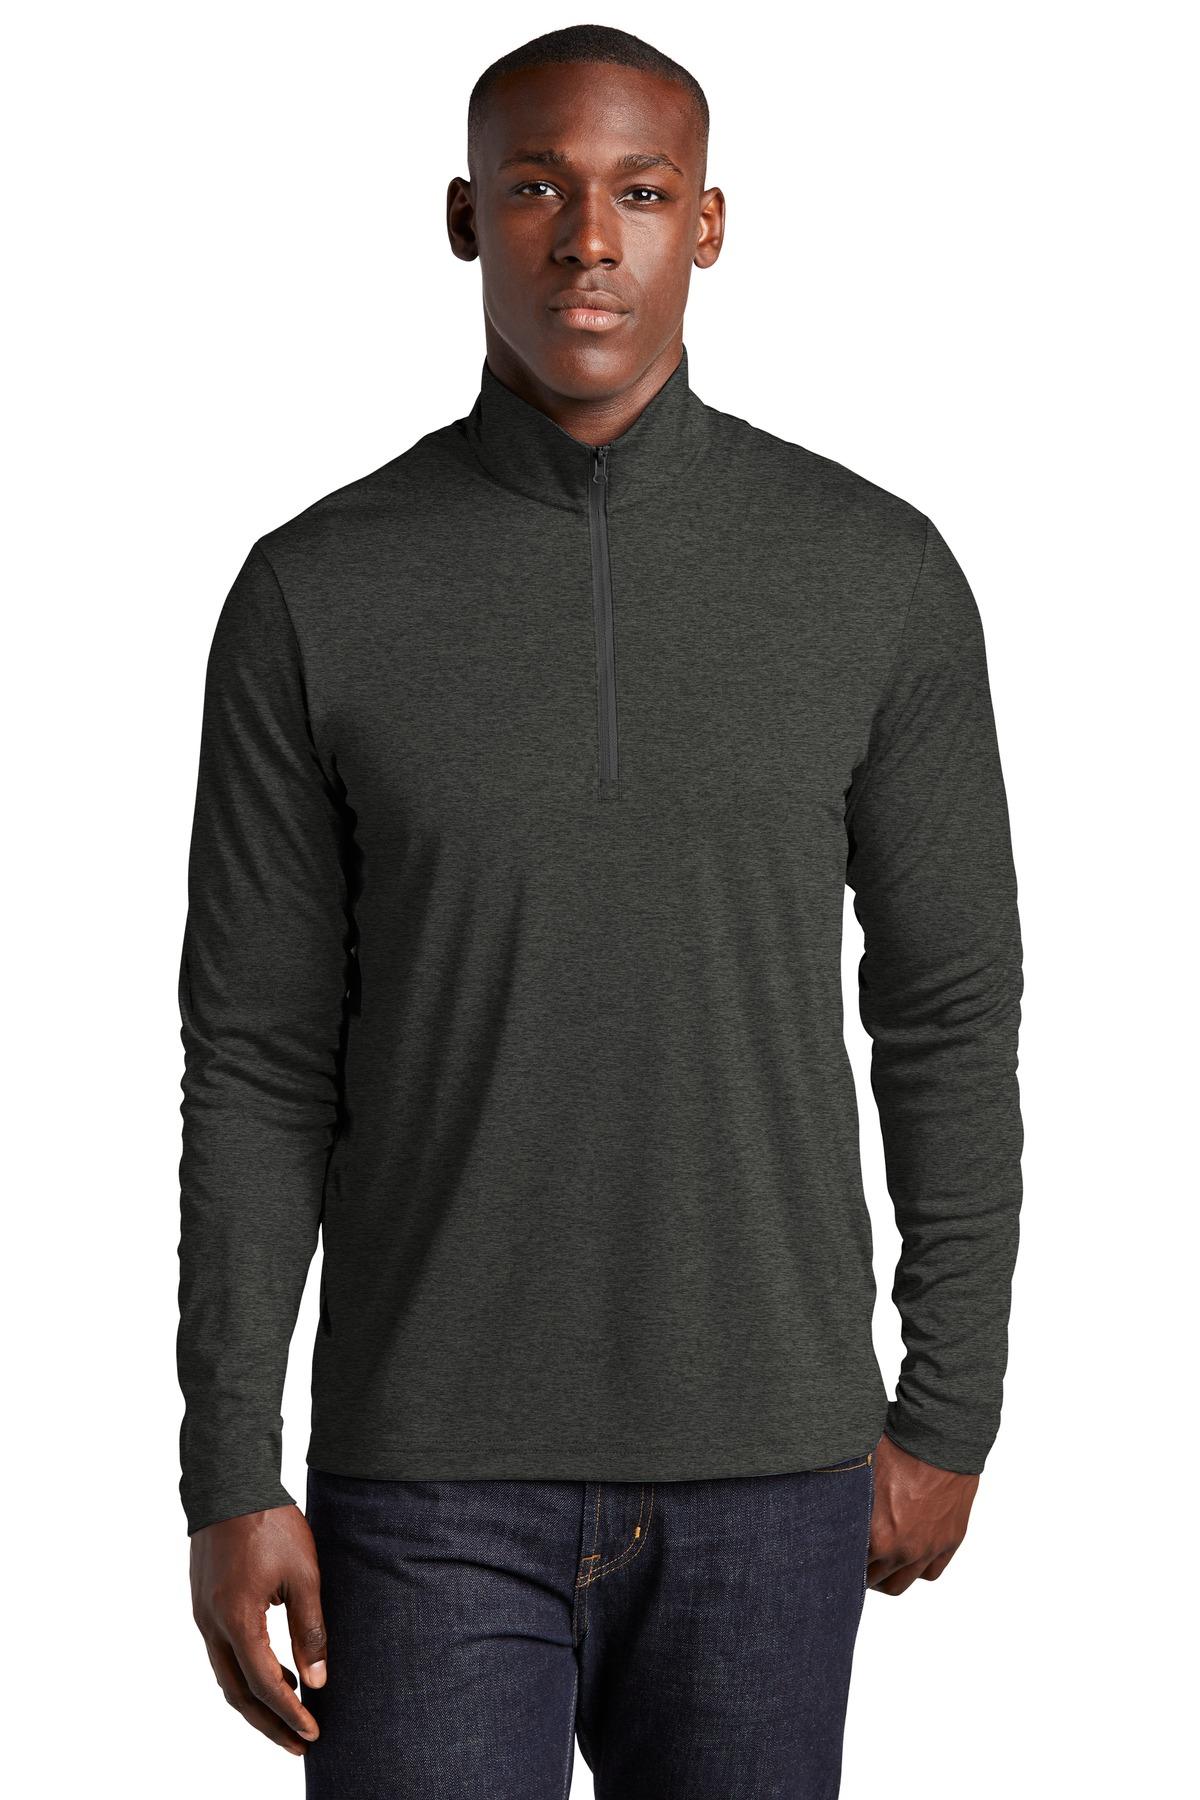 Sport-Tek ® Endeavor 1/4-Zip Pullover.-Sport-Tek